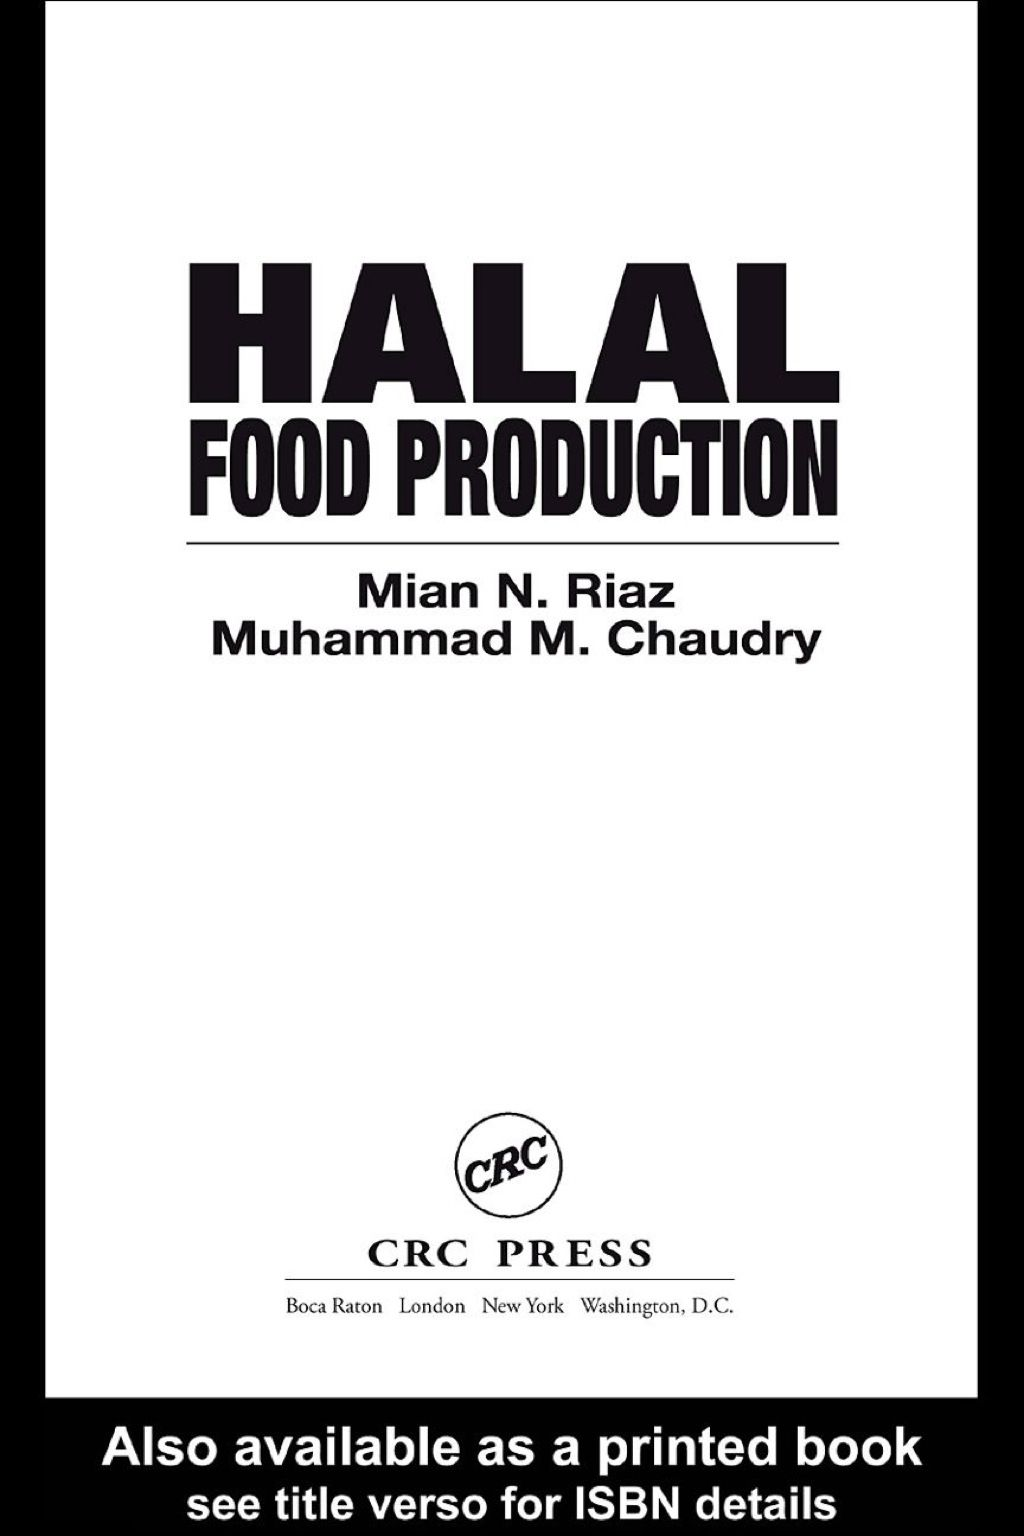 tenal halal